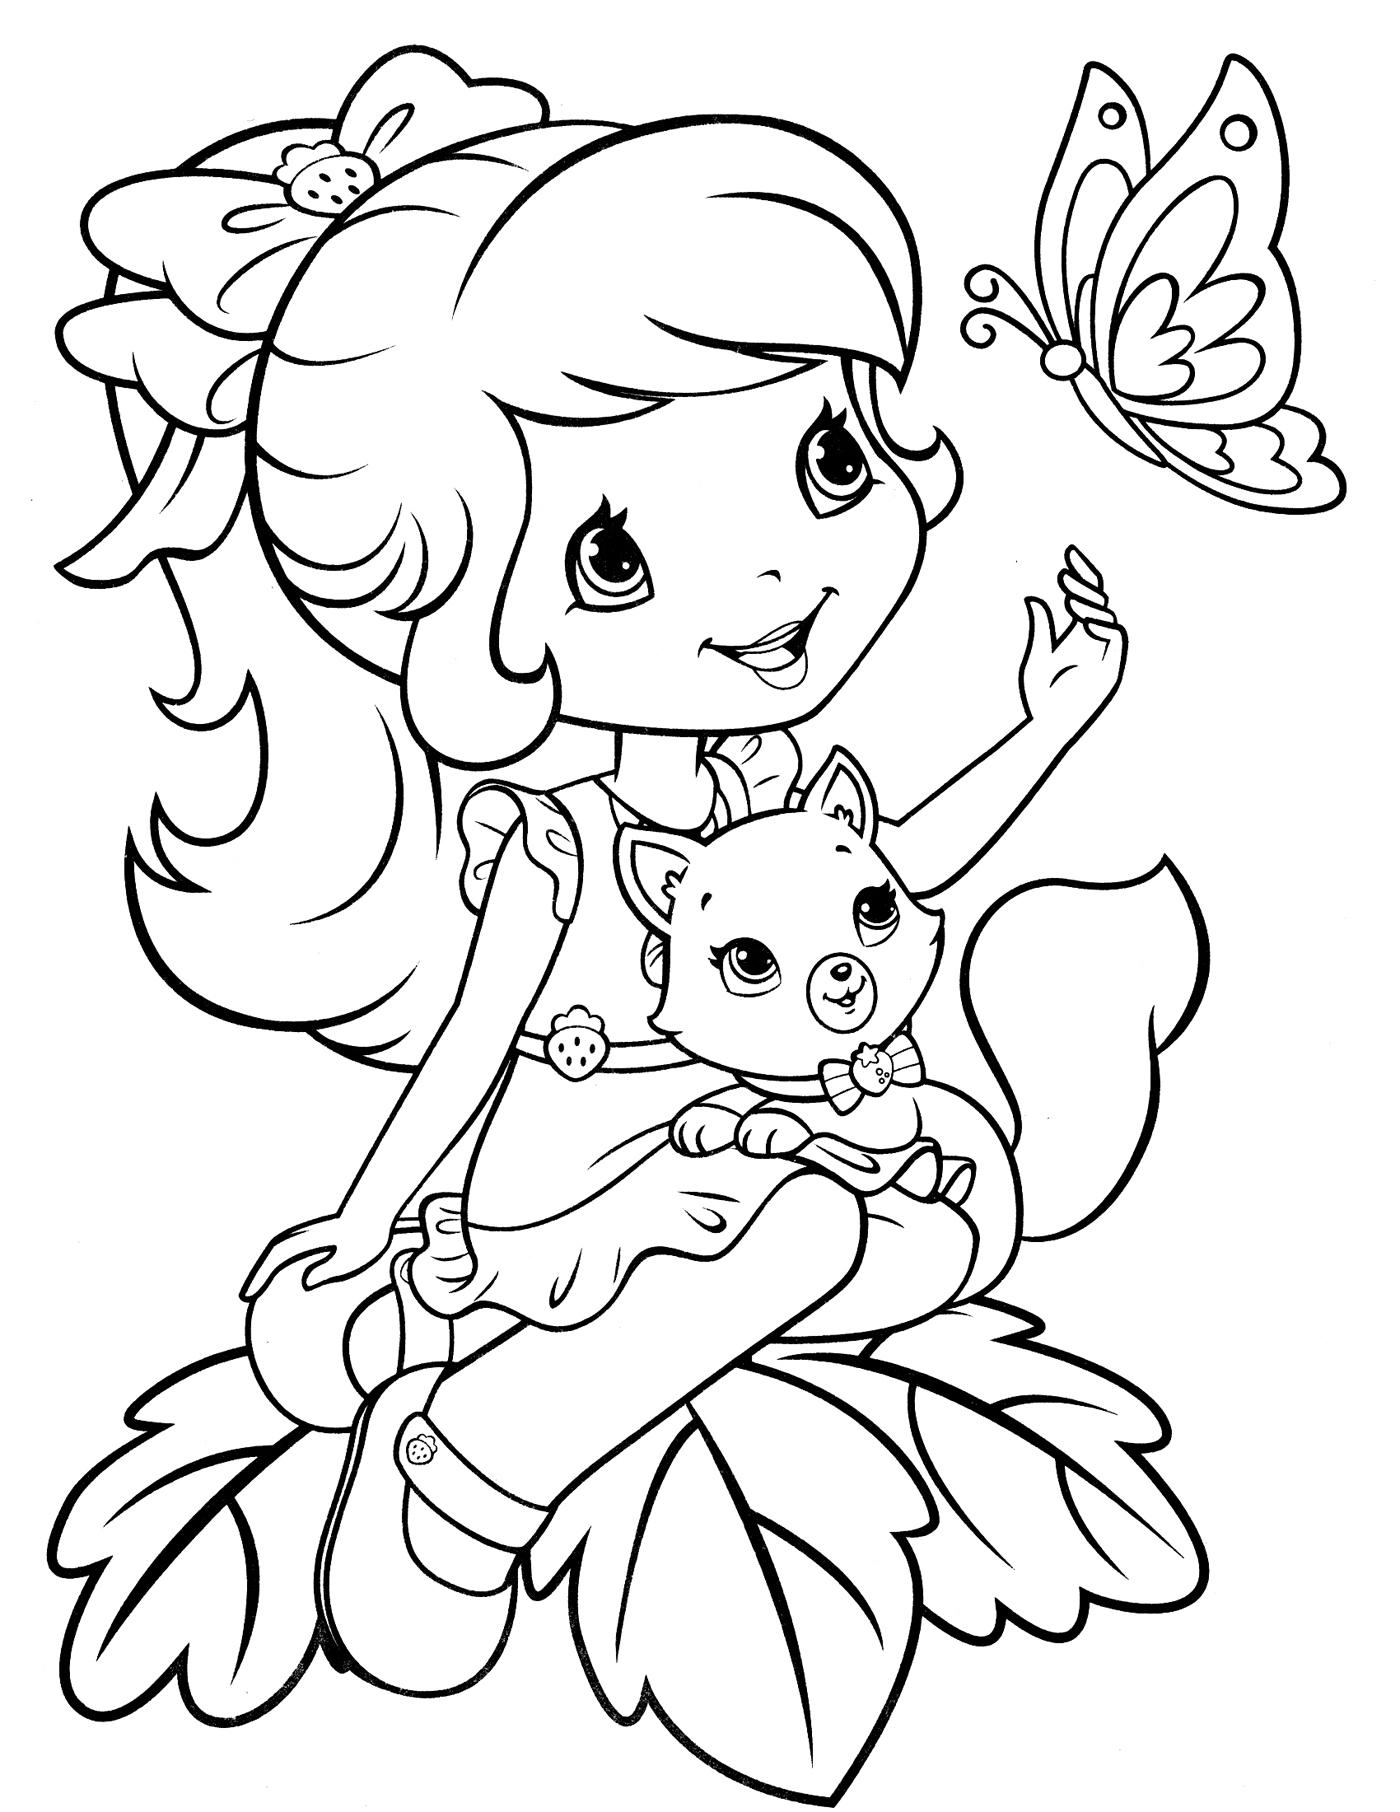 Раскраски для девочек Раскраски для девочек, раскраски куклы, раскраски феи, раскраски цветы, раскраски русалки и другие